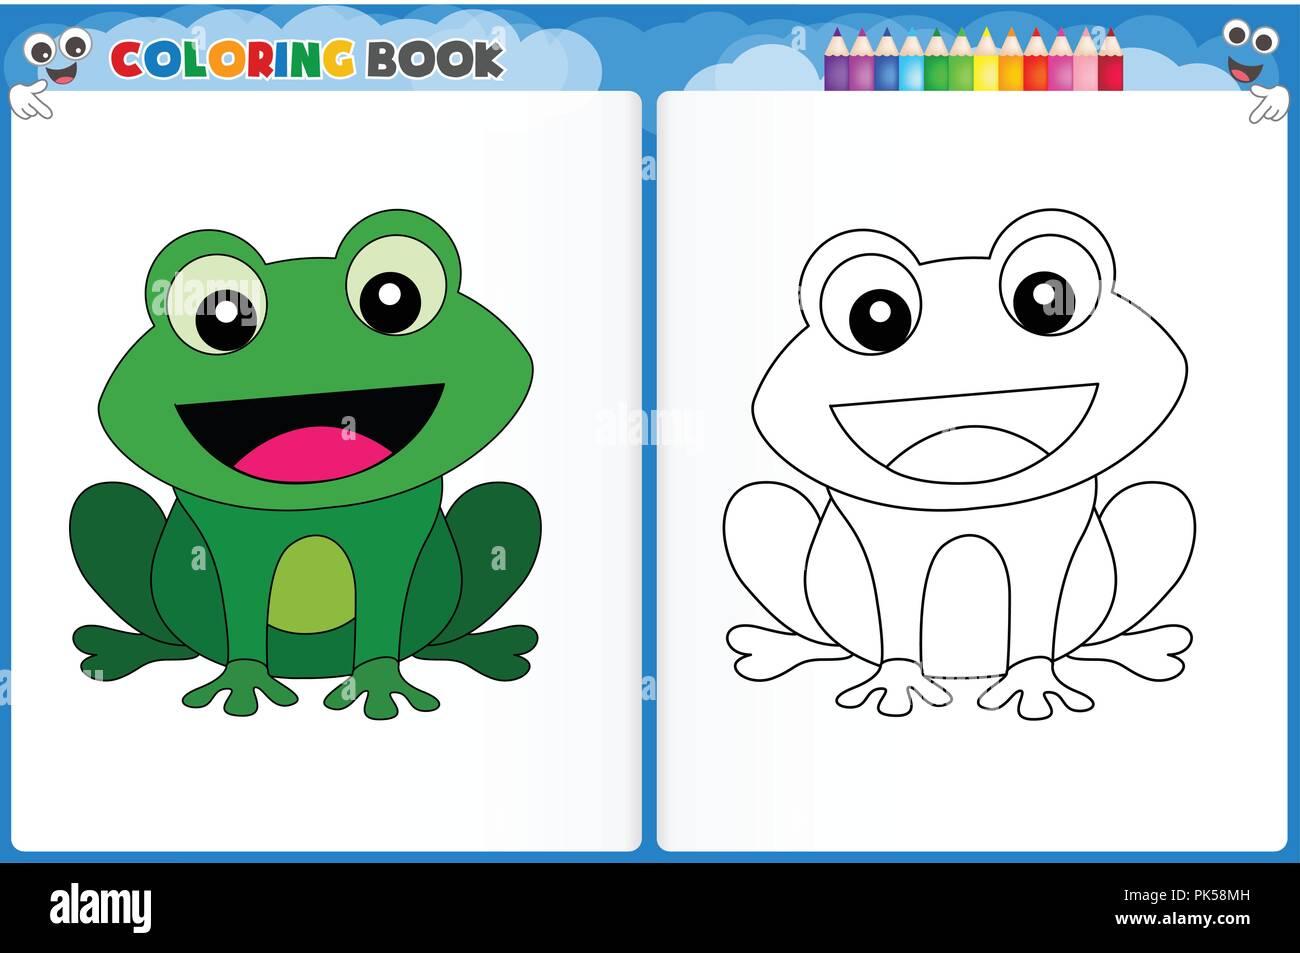 Coloring Page Imágenes De Stock & Coloring Page Fotos De Stock ...